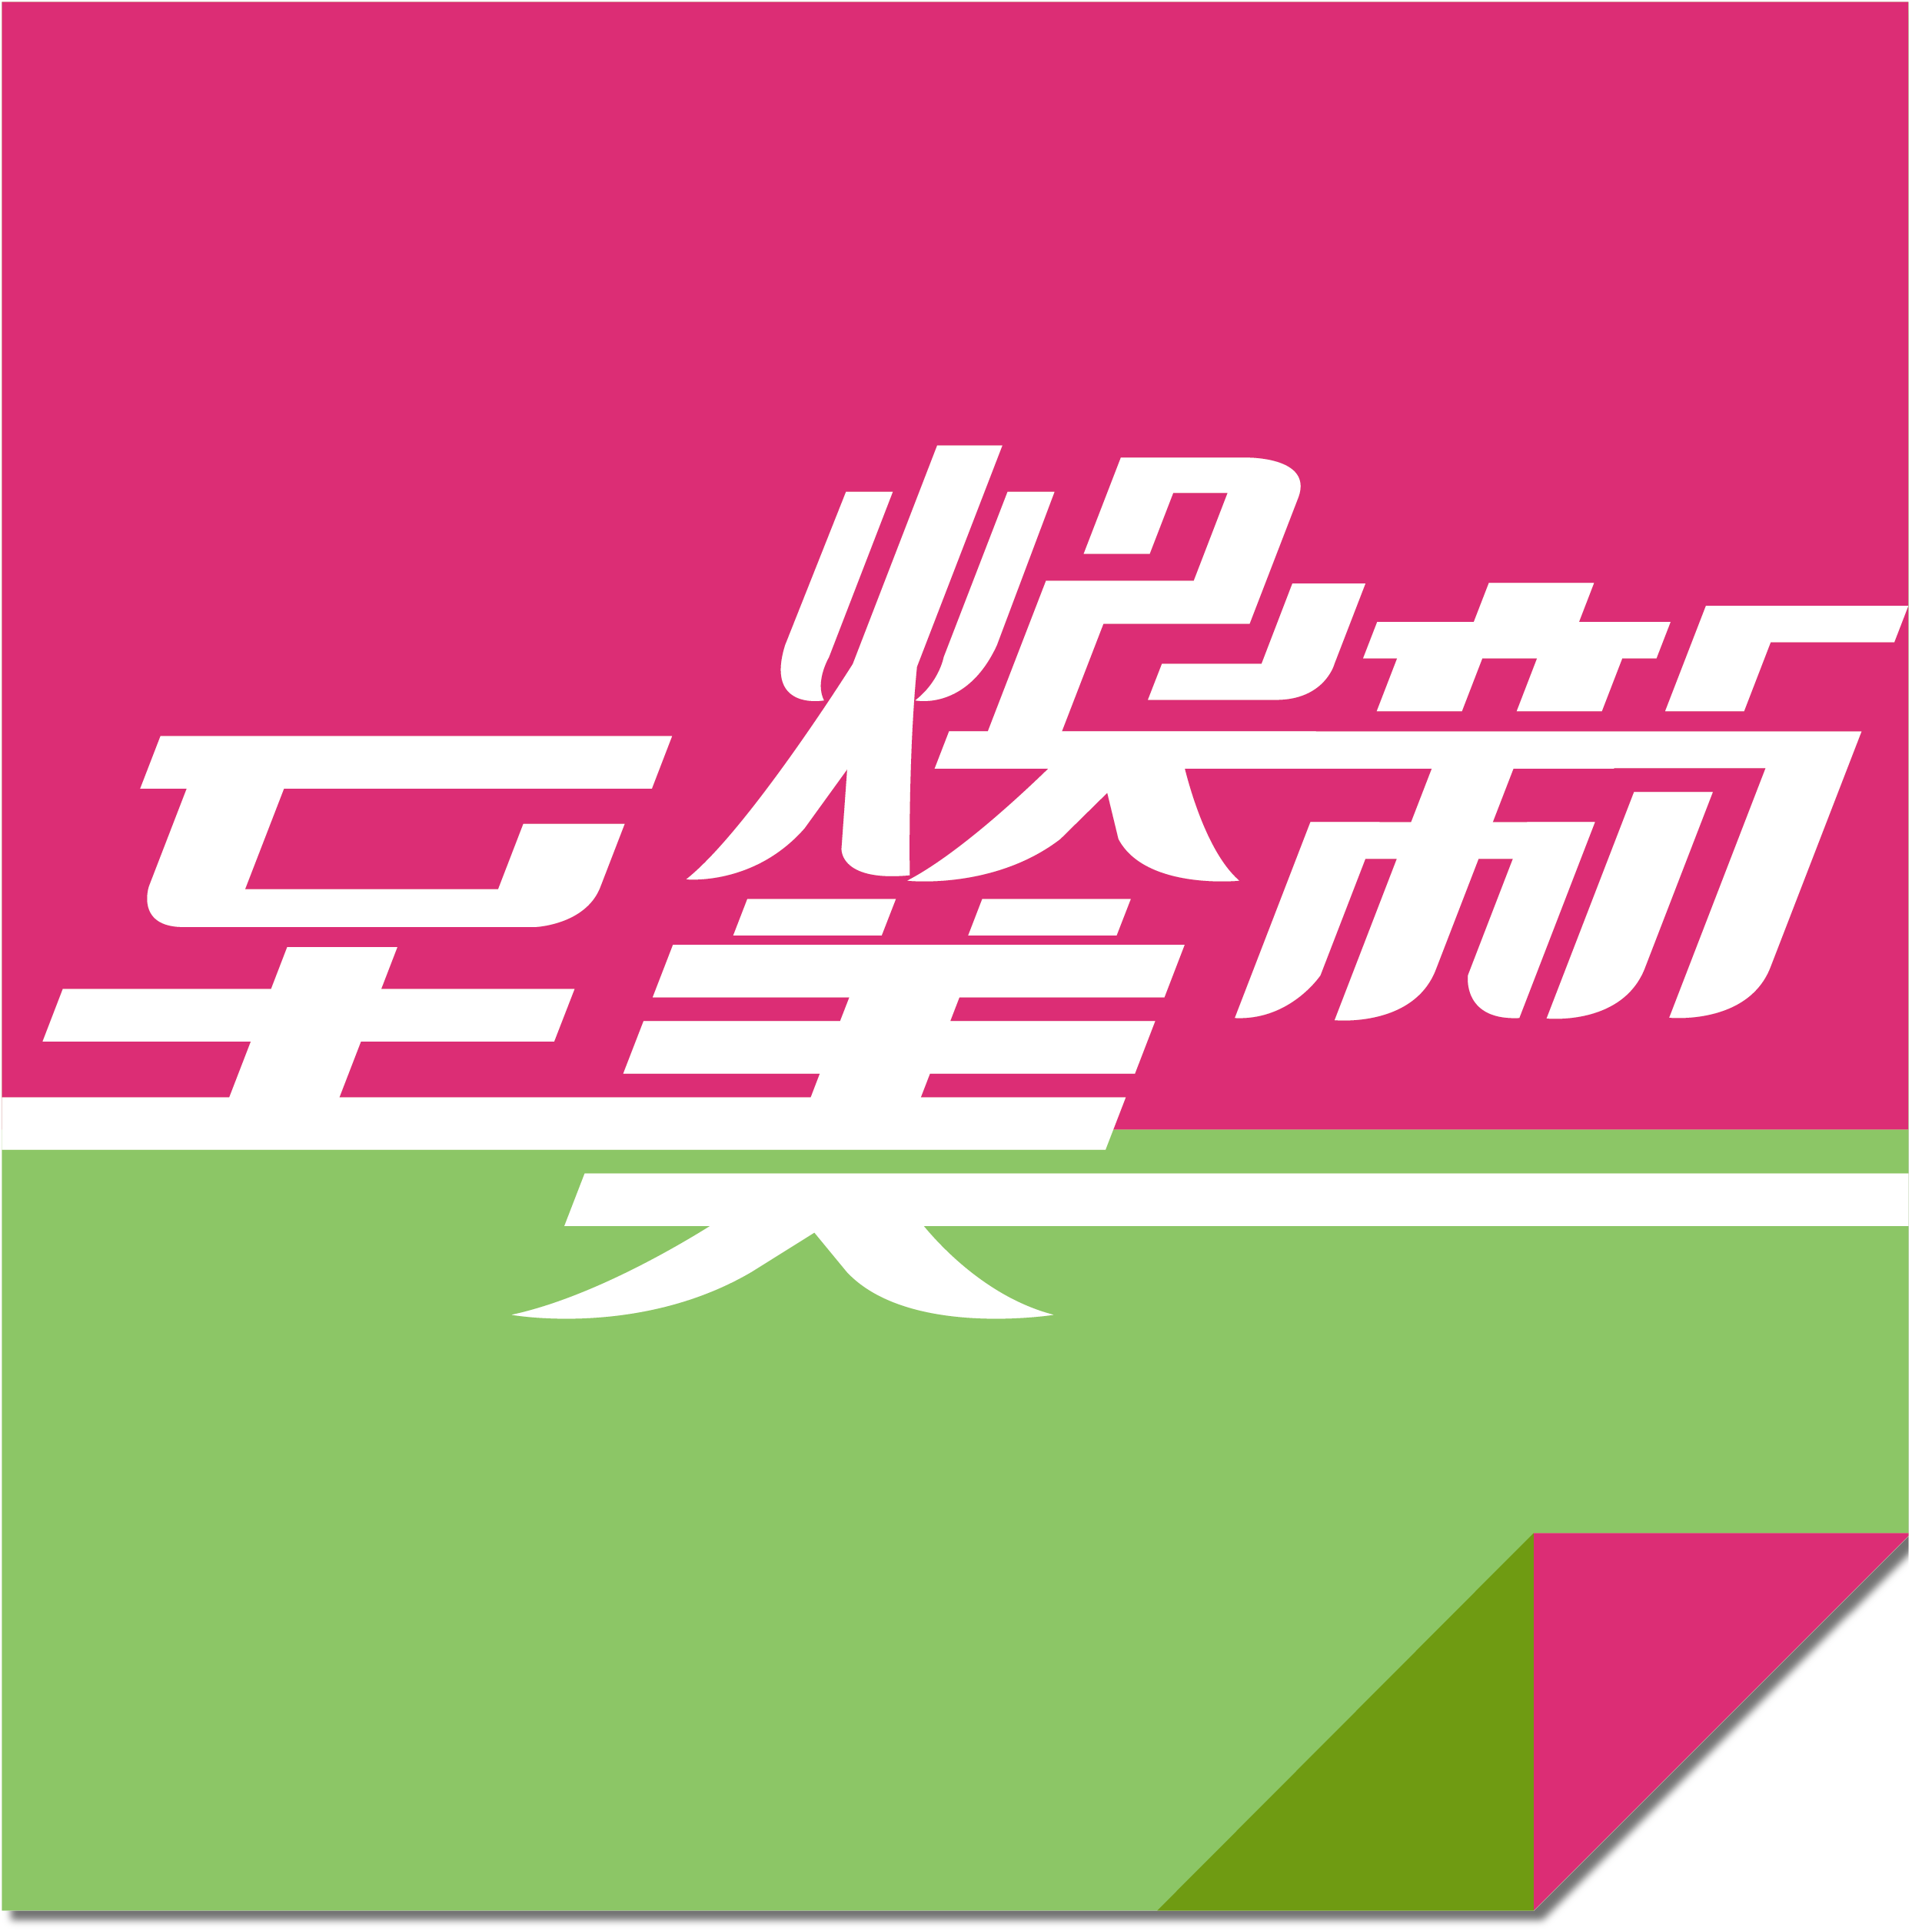 浙江至美焕新网络技术有限公 - 宁波装修公司